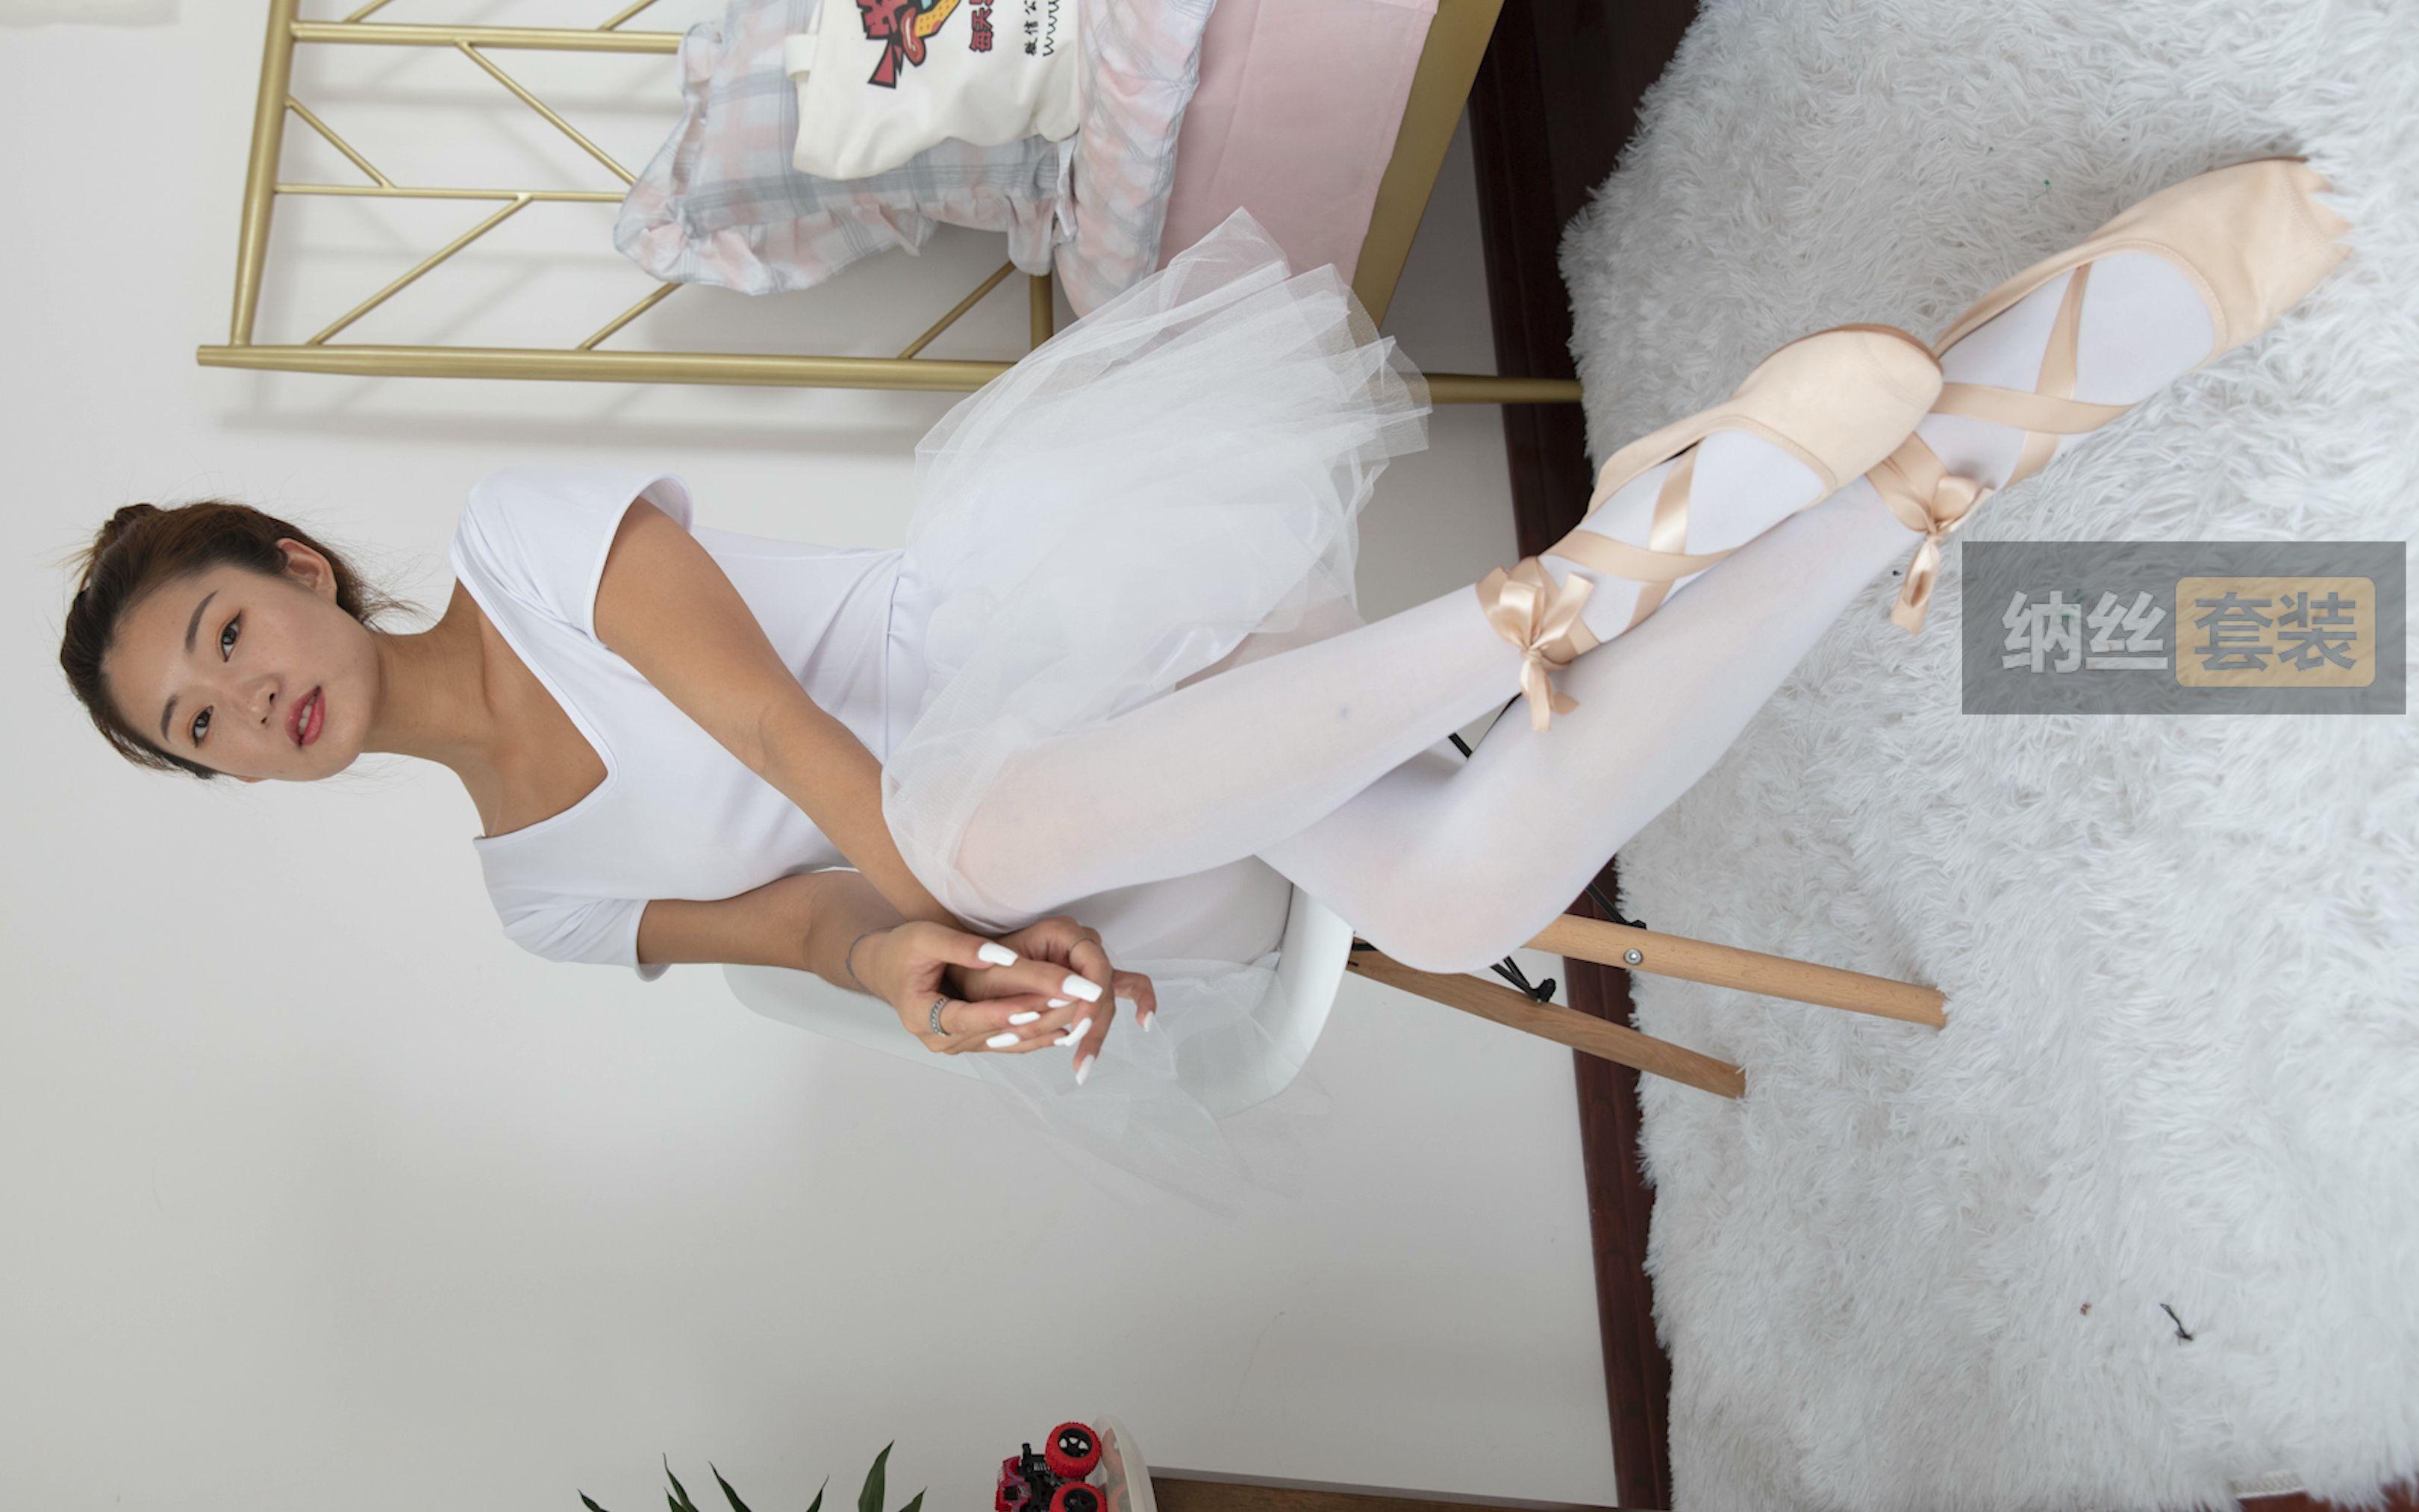 4K 美女白丝芭蕾风系带鞋芭蕾裙学院风写真拍摄